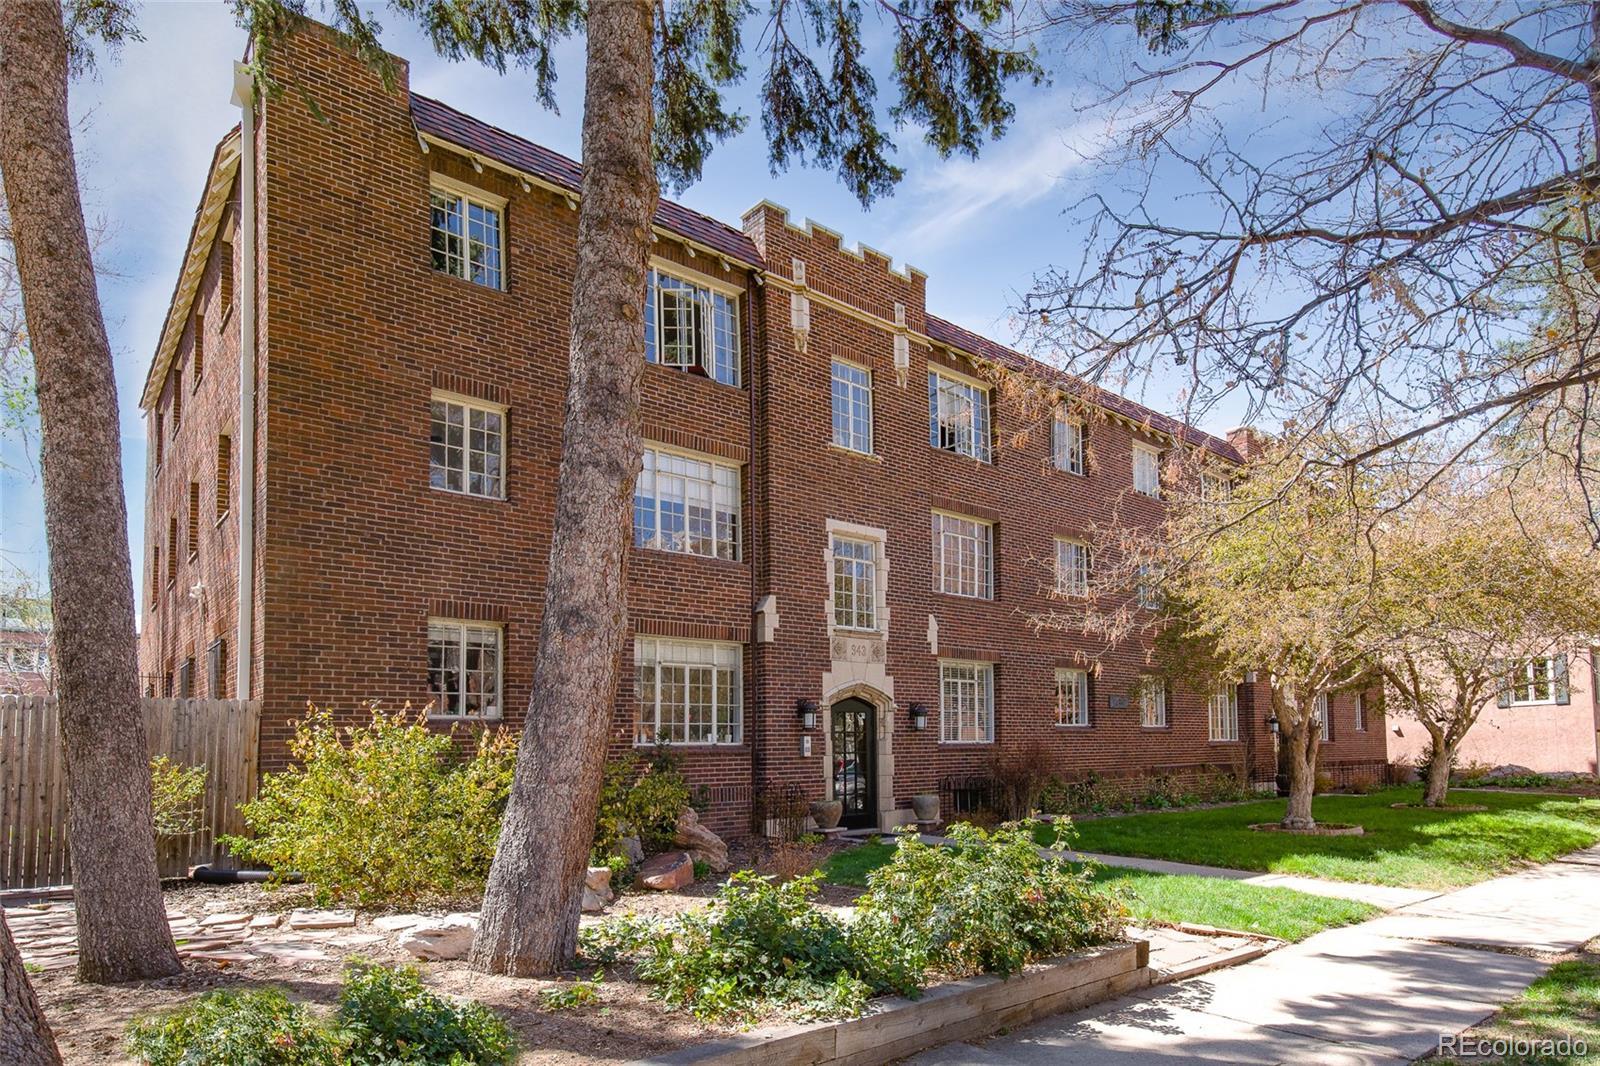 943 N Emerson Street #2, Denver, CO 80218 - Denver, CO real estate listing